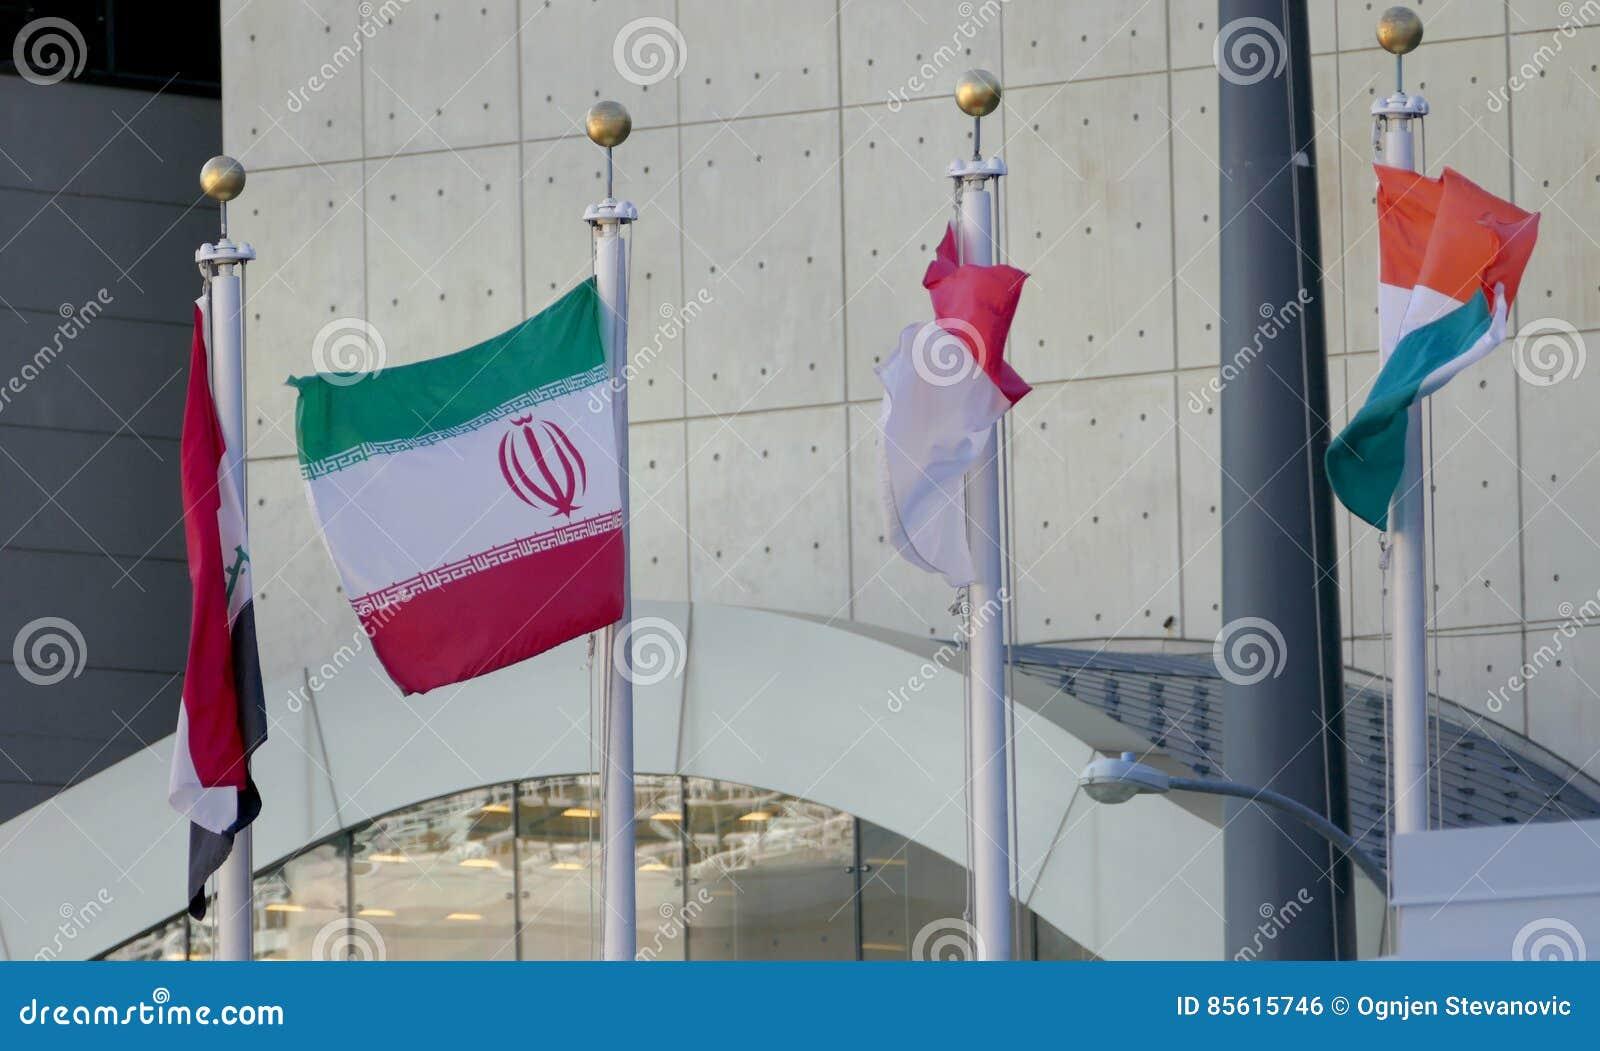 Иран и другие международные флаги в фронте управления Организации Объединенных Наций в Нью-Йорке